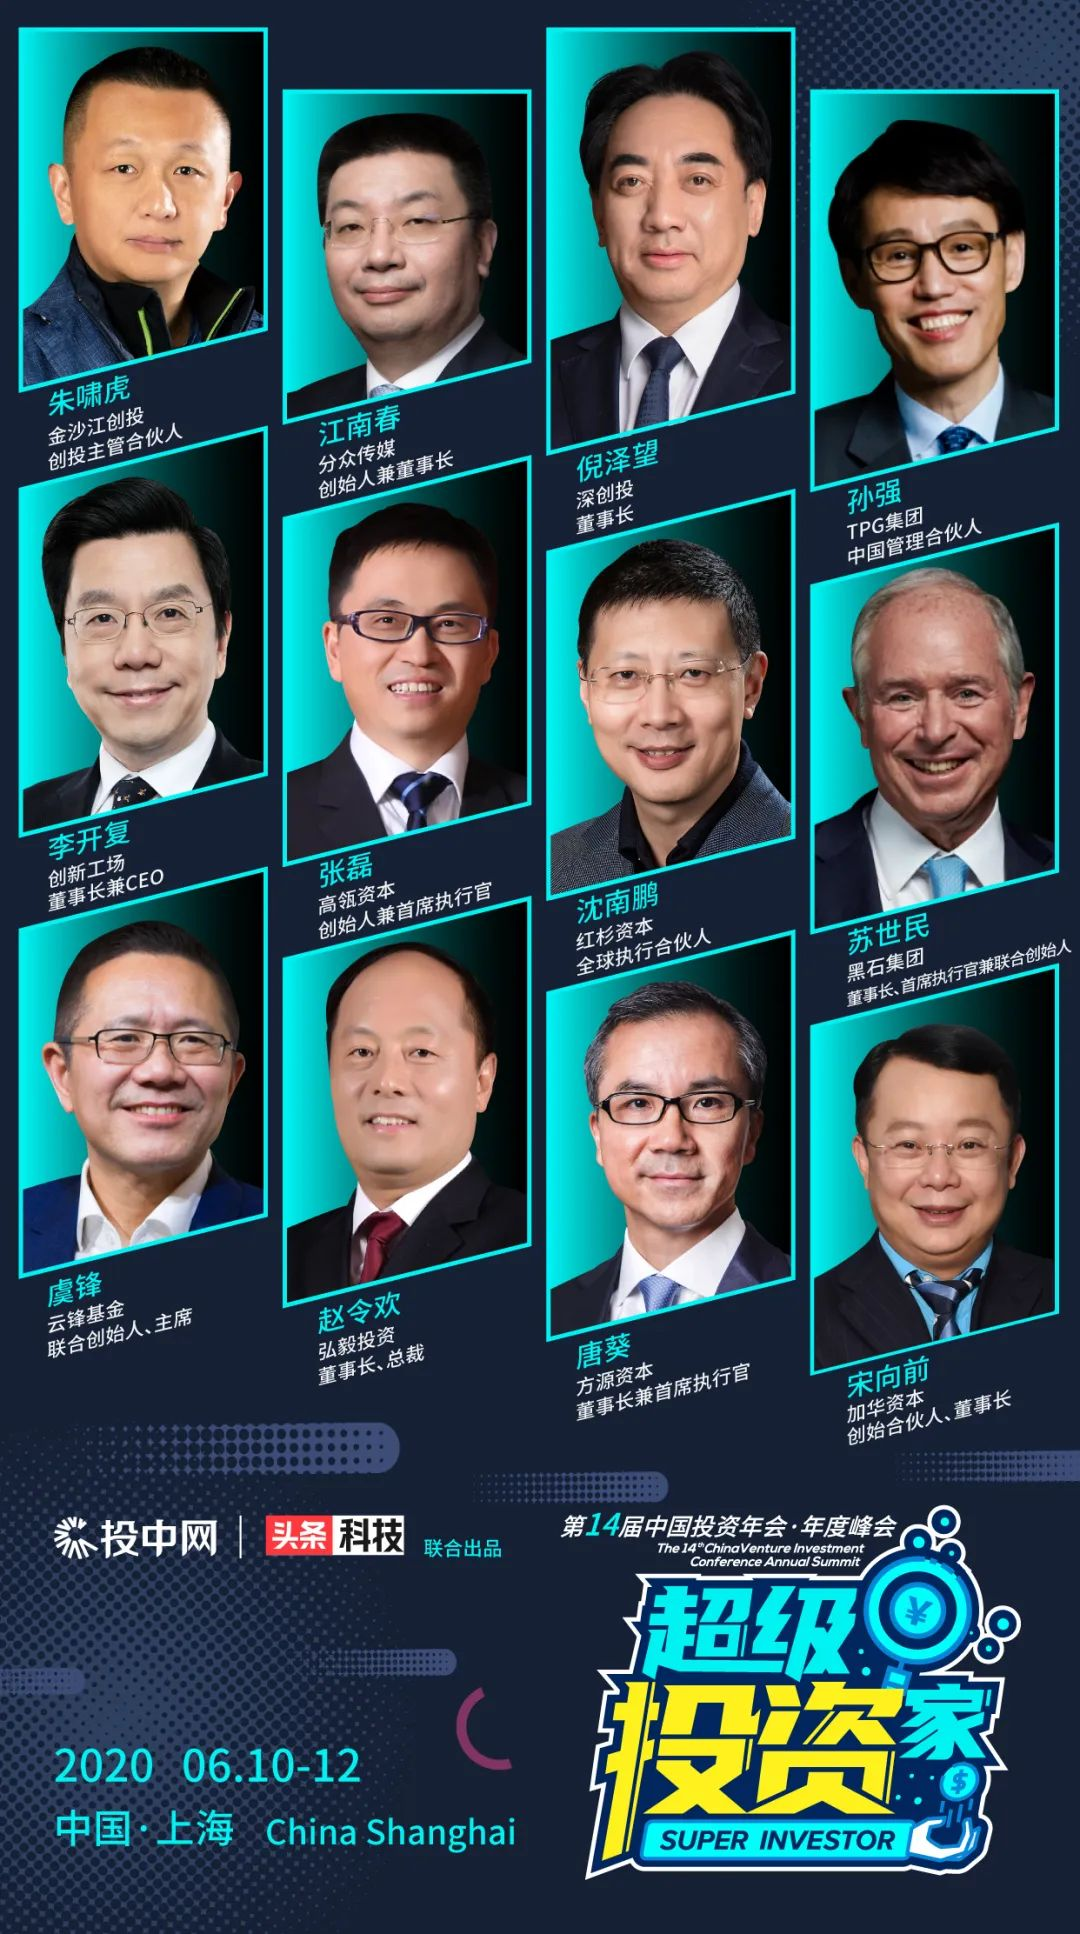 分众传媒江南春:中产阶级消费升级是未来十年的大主题